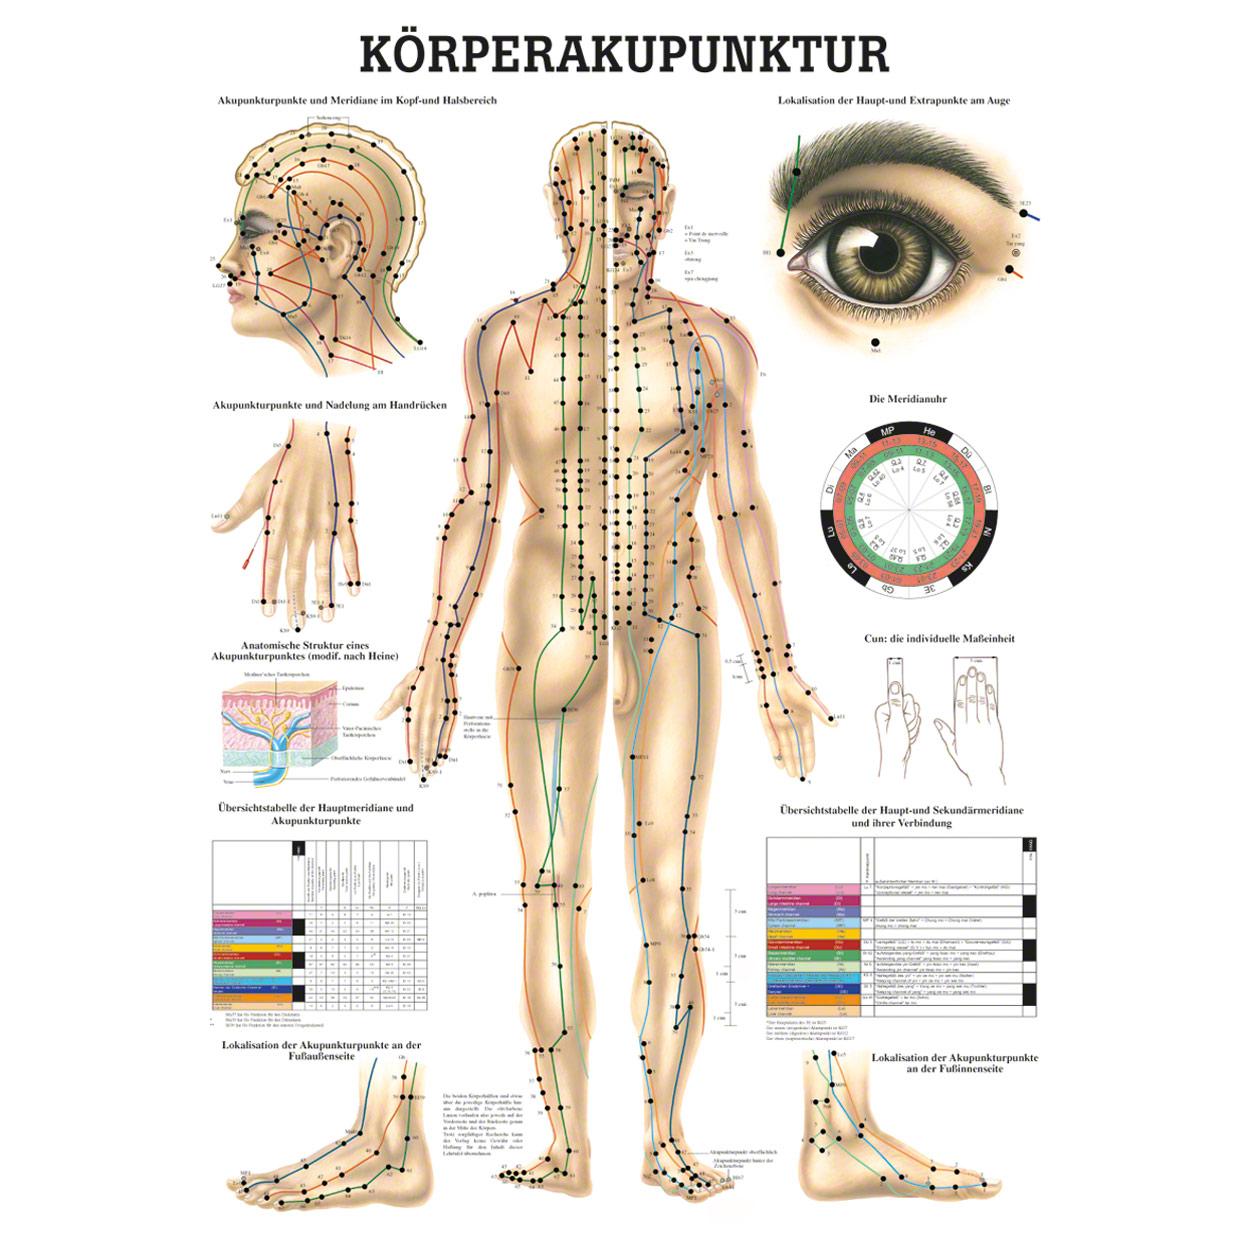 Schön Kühle Anatomie Poster Bilder - Anatomie Ideen - finotti.info